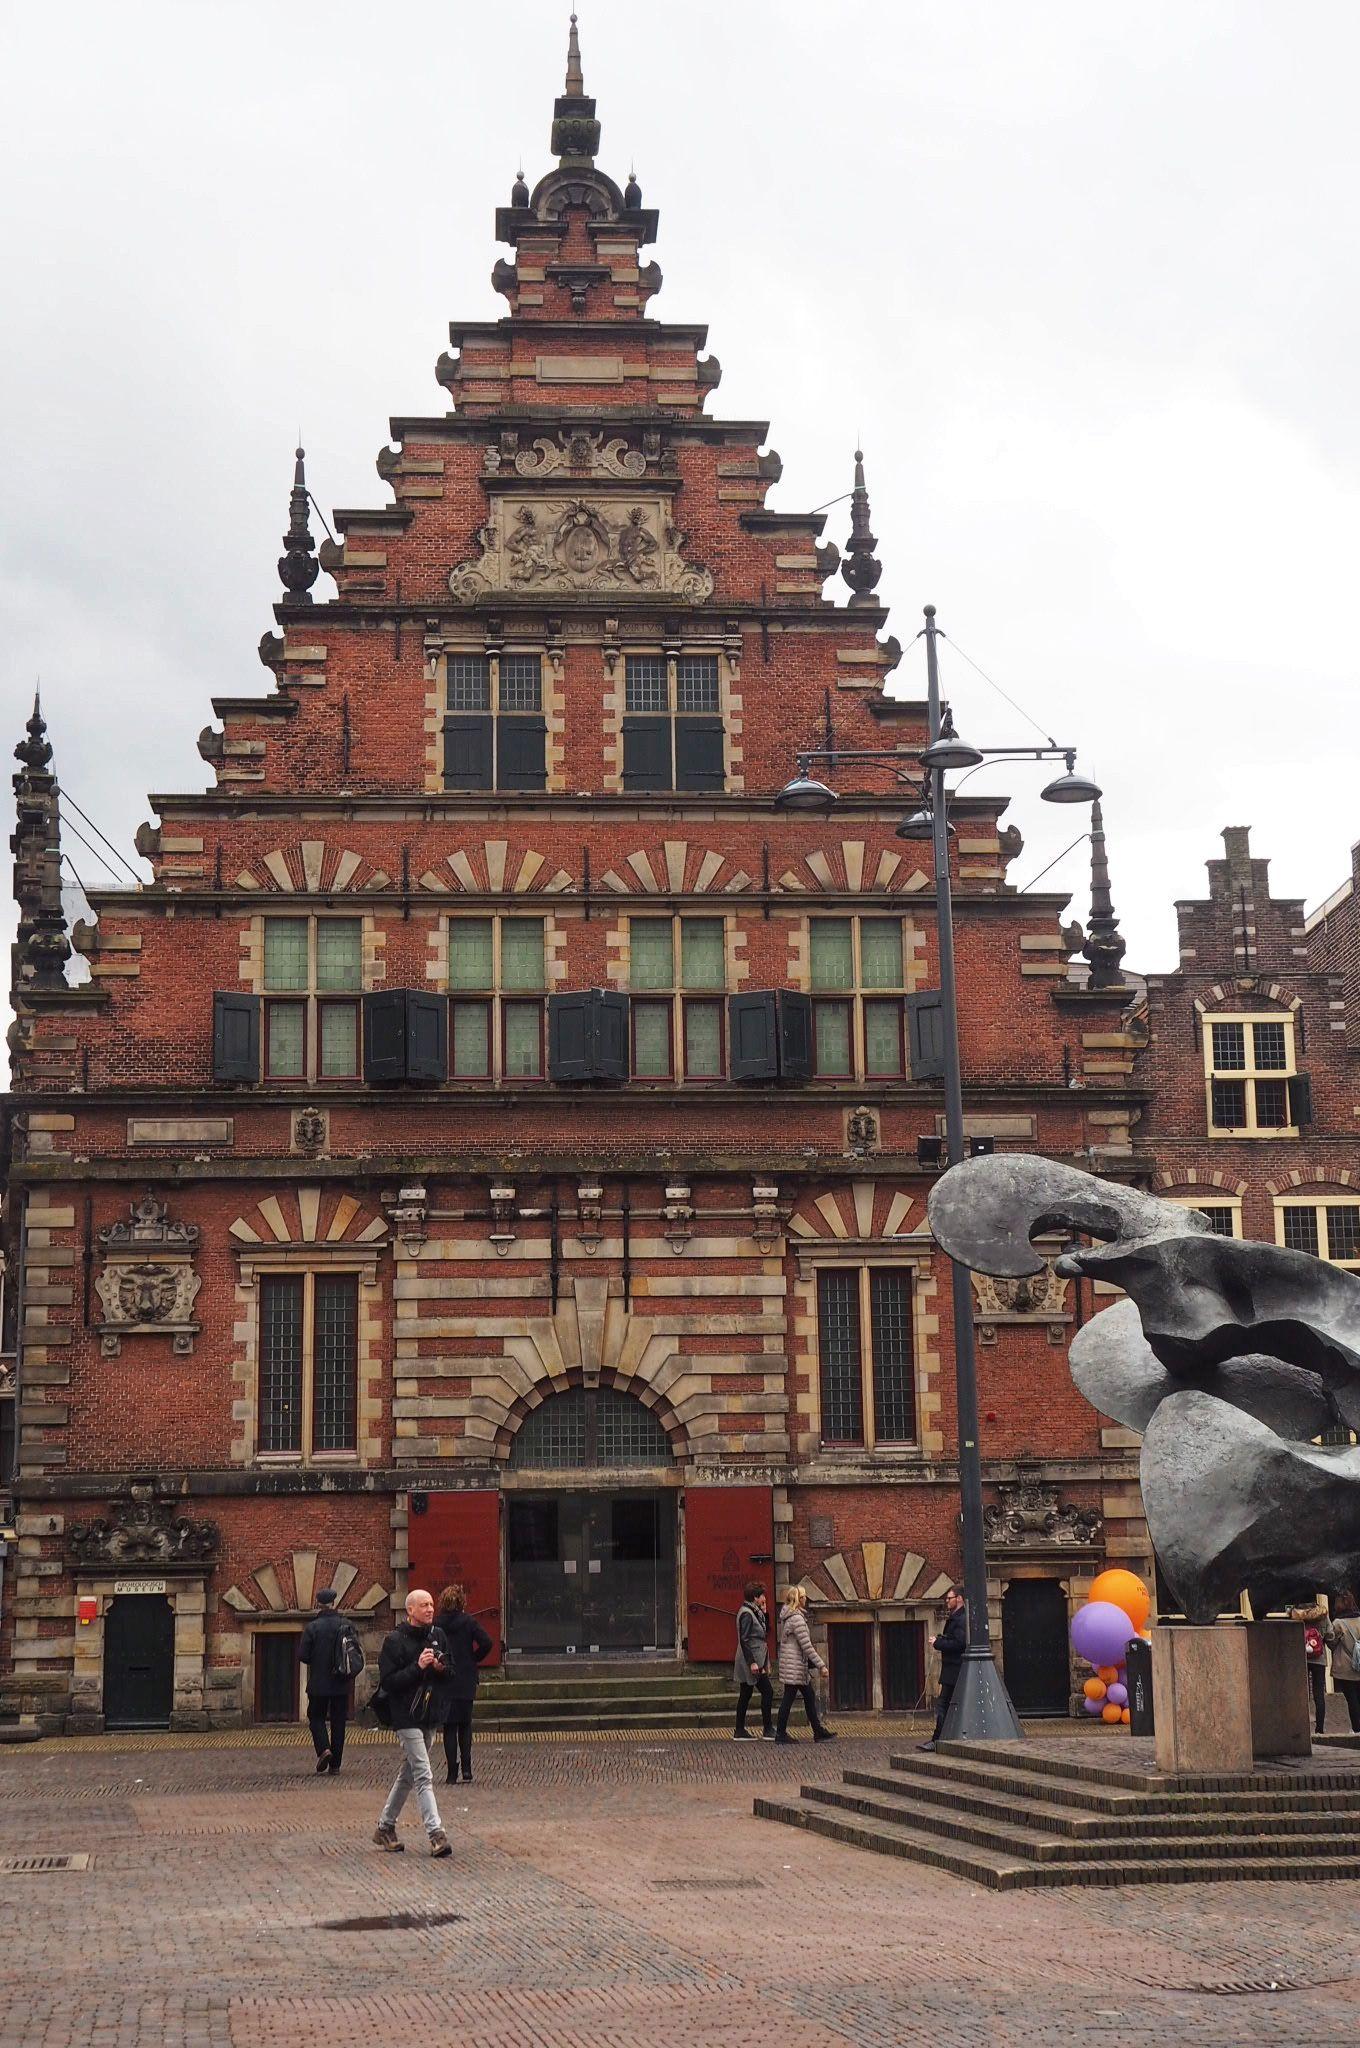 Vleeshal Building Haarlem